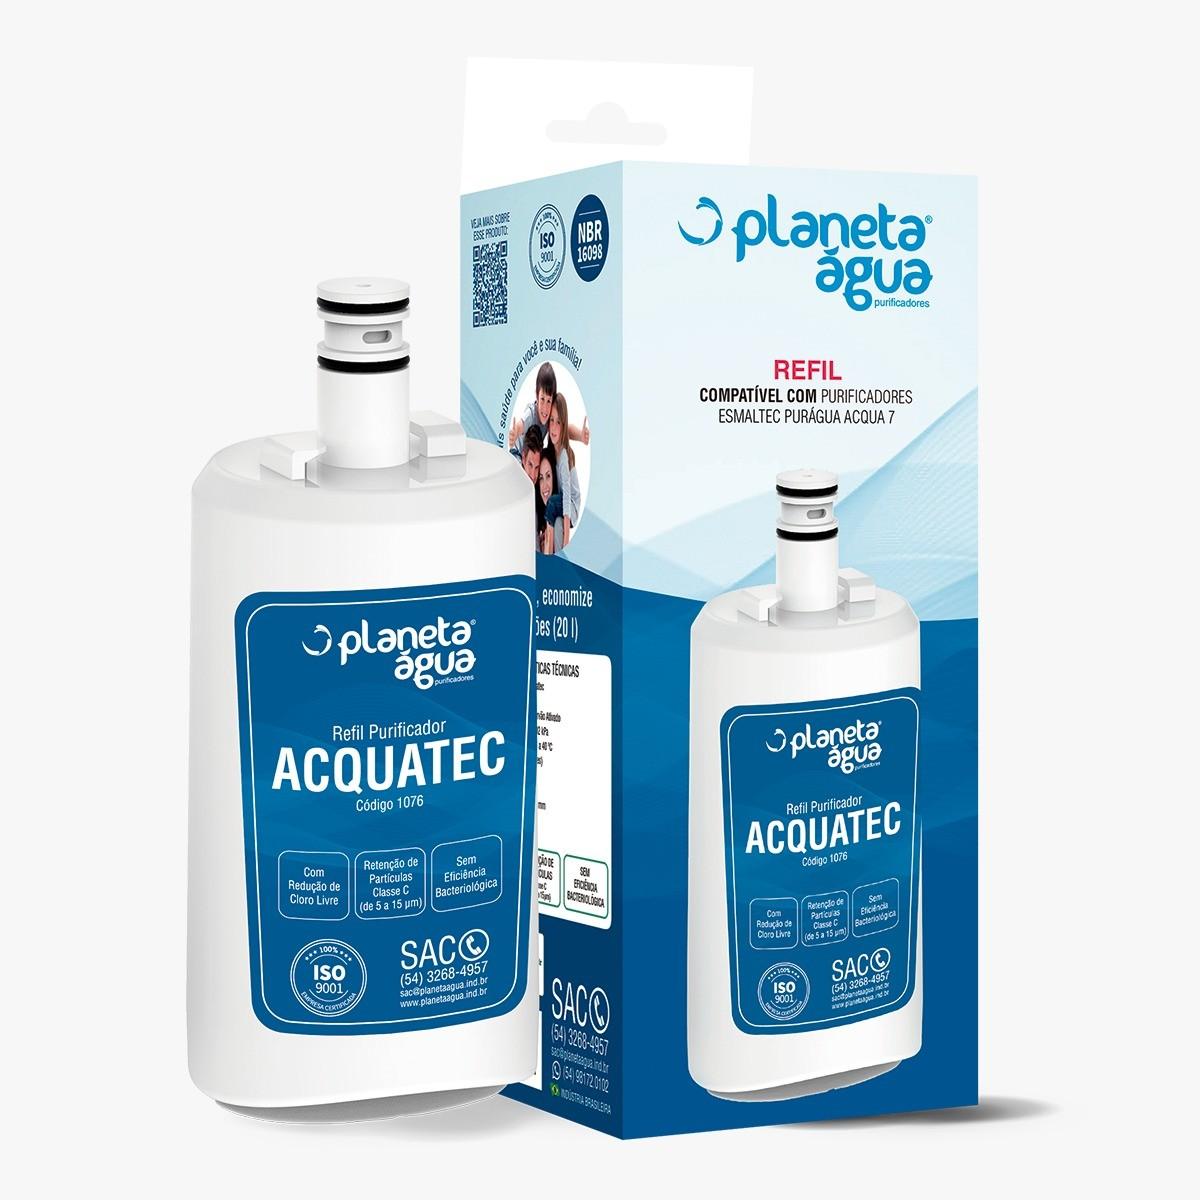 Refil ACQUATEC para purificadores Esmaltec Puragua Acqua 7 - Similar